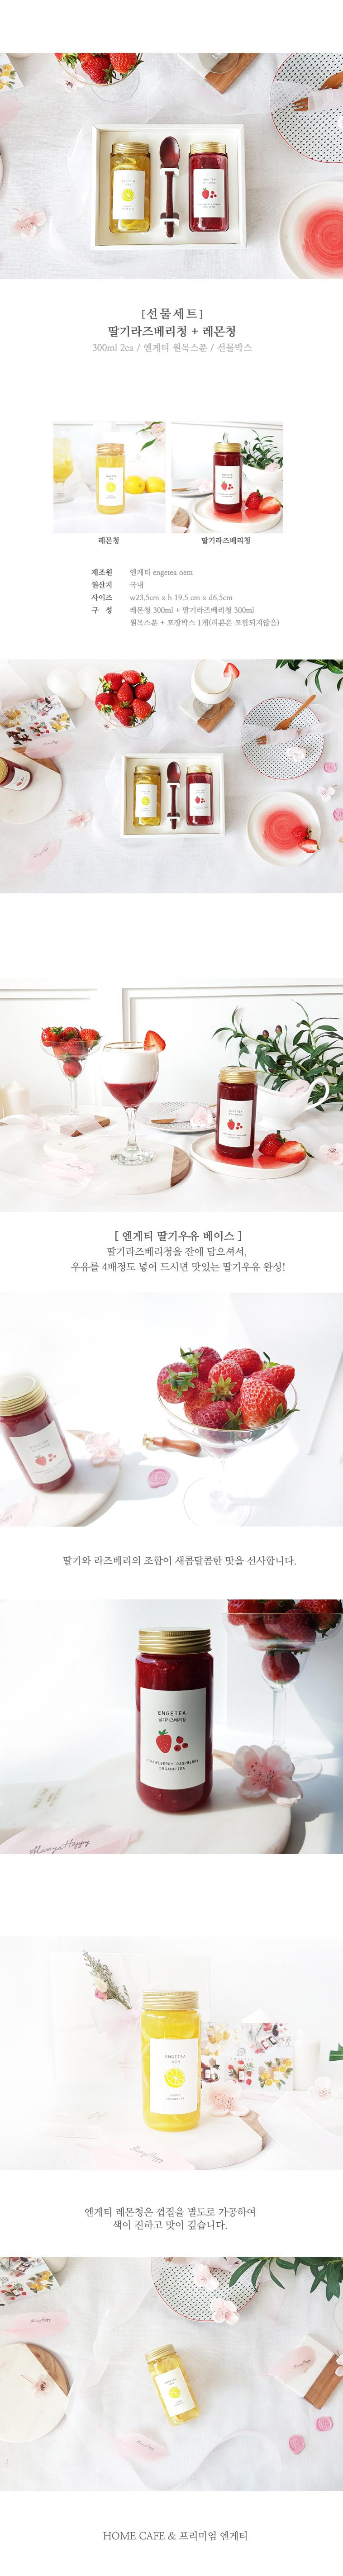 선물세트 딸기청 x 레몬청 수제청 - 엔게티, 30,000원, 차, 과일청